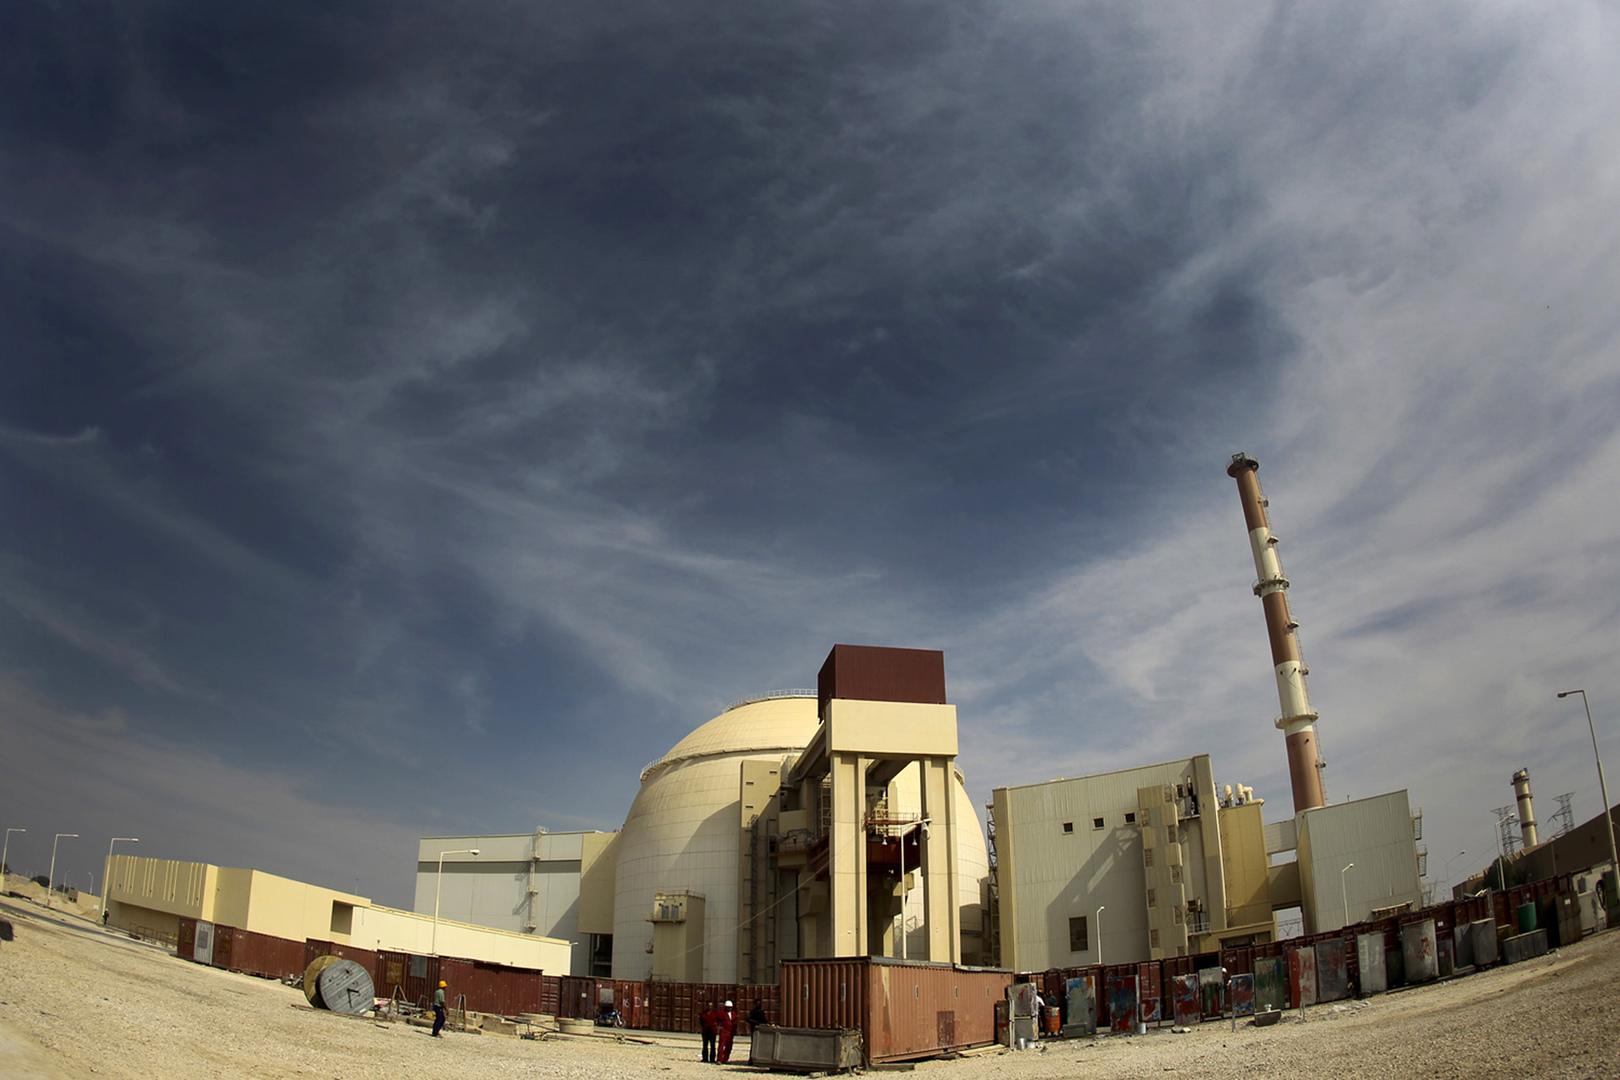 واشنطن ستسمح للشركات الأجنبية بمواصلة العمل في منشآت إيران النووية